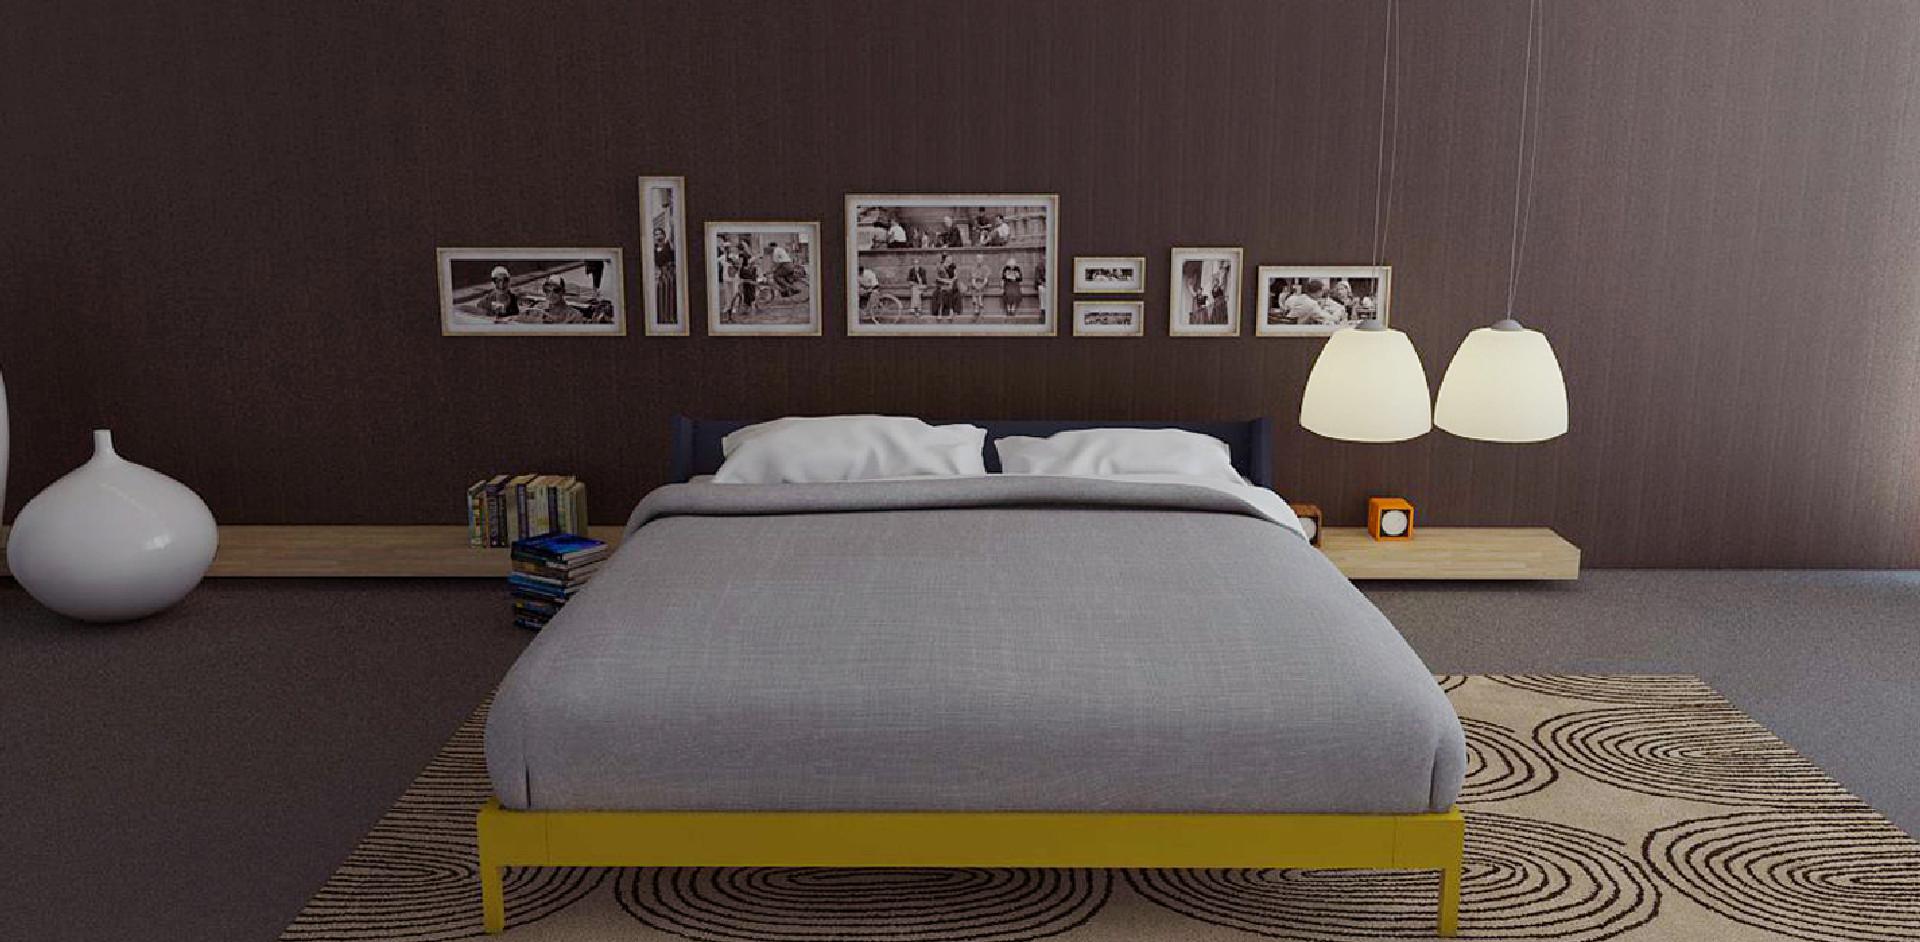 3 Wim Celis Aluminium bed 1_OK